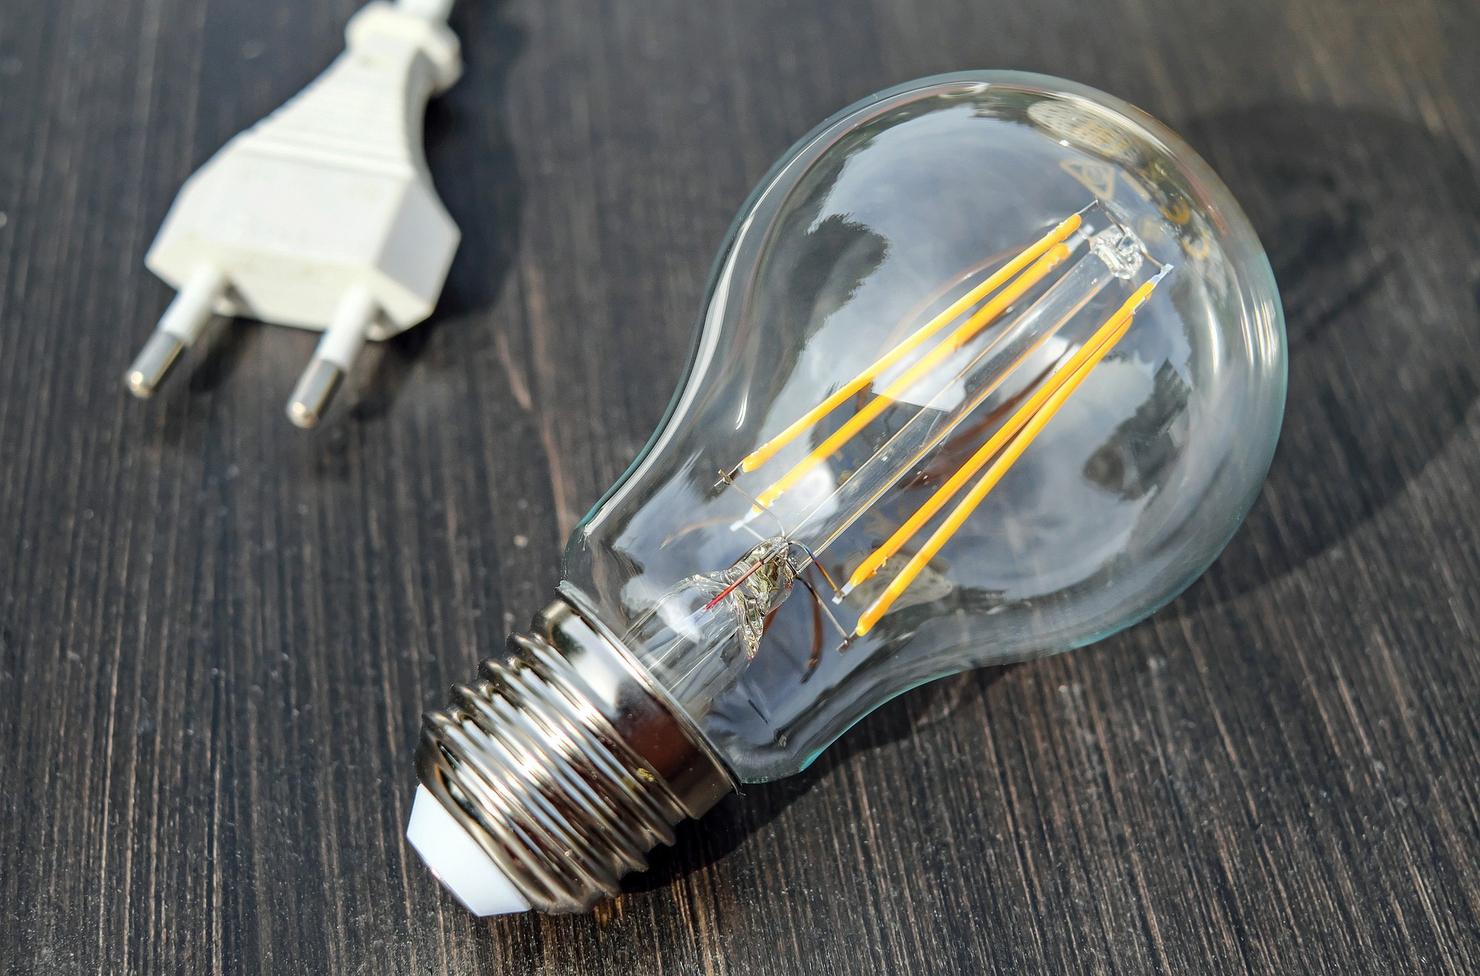 С 1 июля начнет действовать закон о переходе на «умные» счетчики электроэнергии